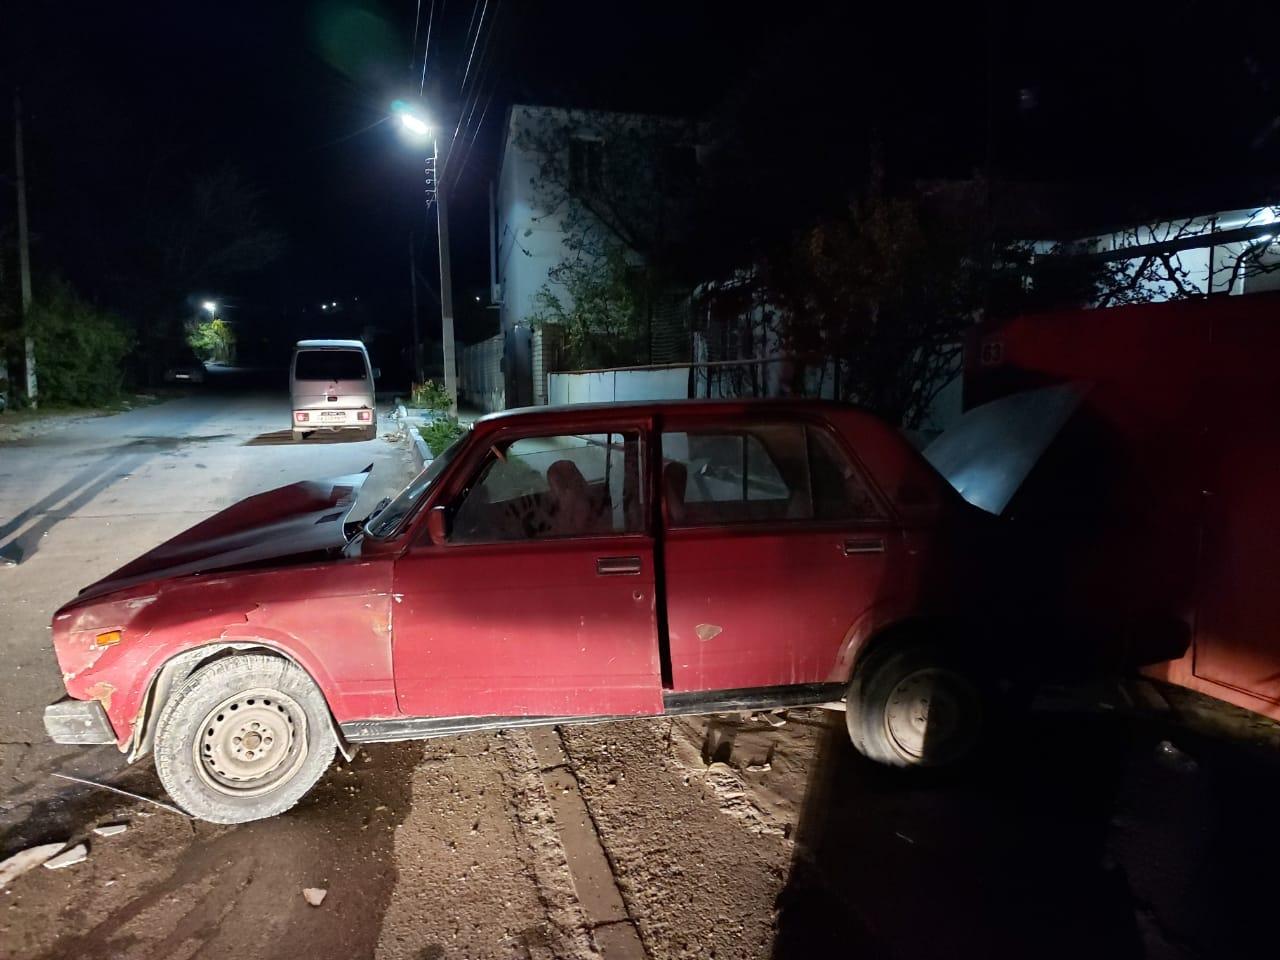 В Новороссийске ночные гонщики устроили две аварии. Есть пострадавшие